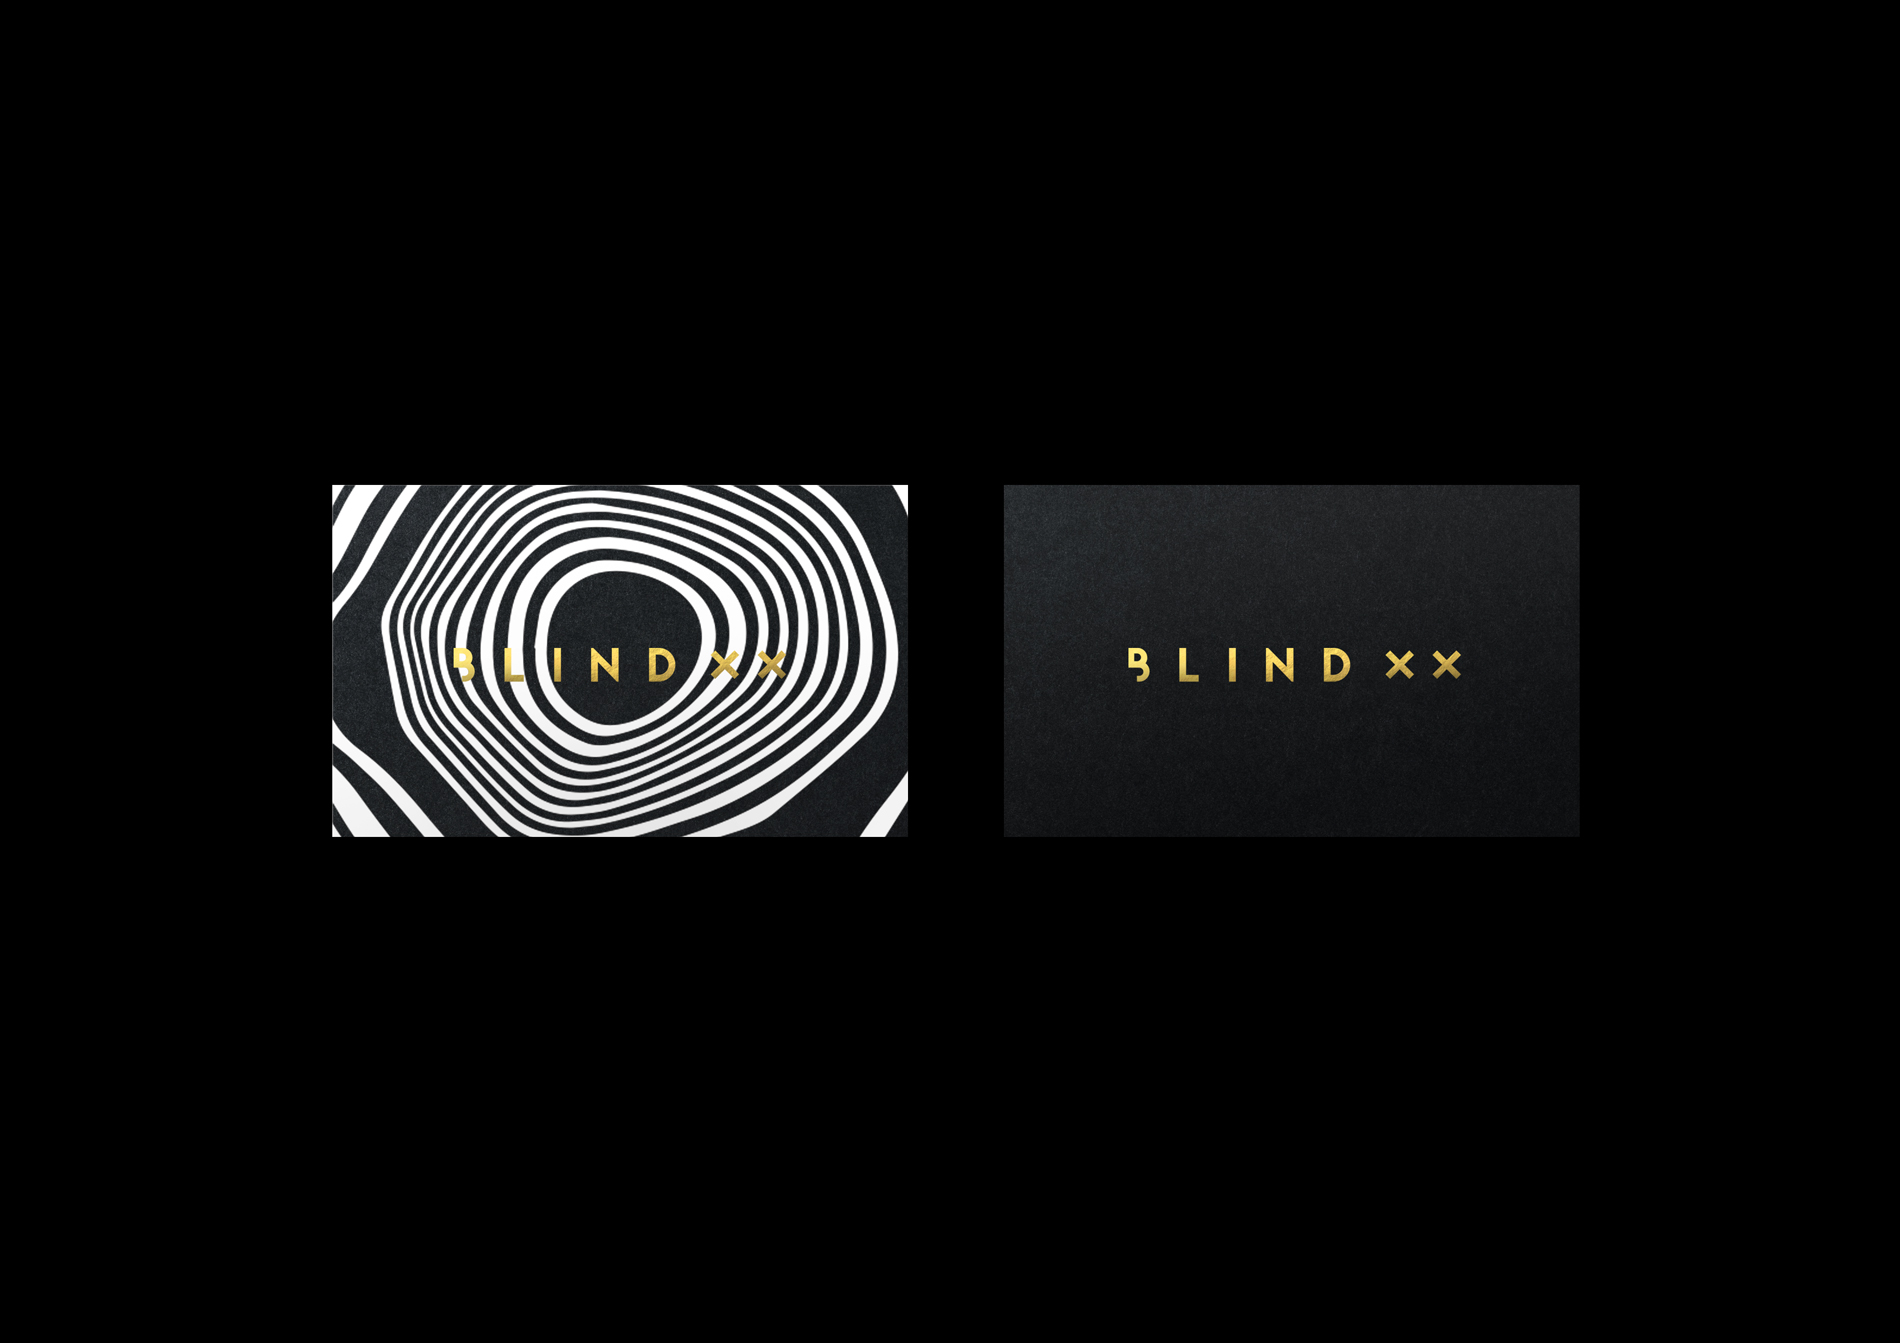 blindxx-draft1-3cards.jpg